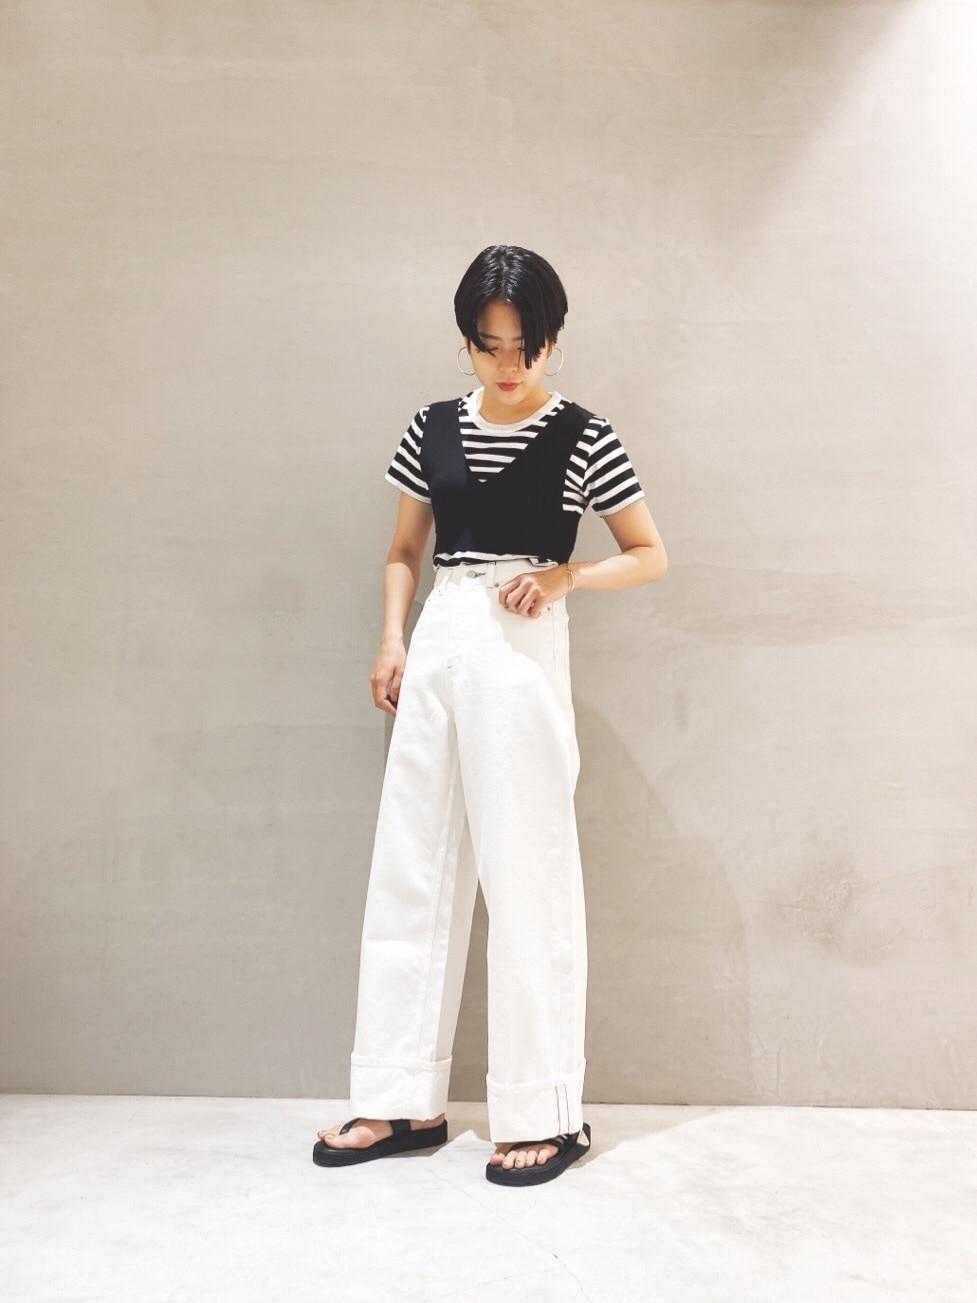 iki iki 渋谷パルコ 身長:163cm 2020.06.05